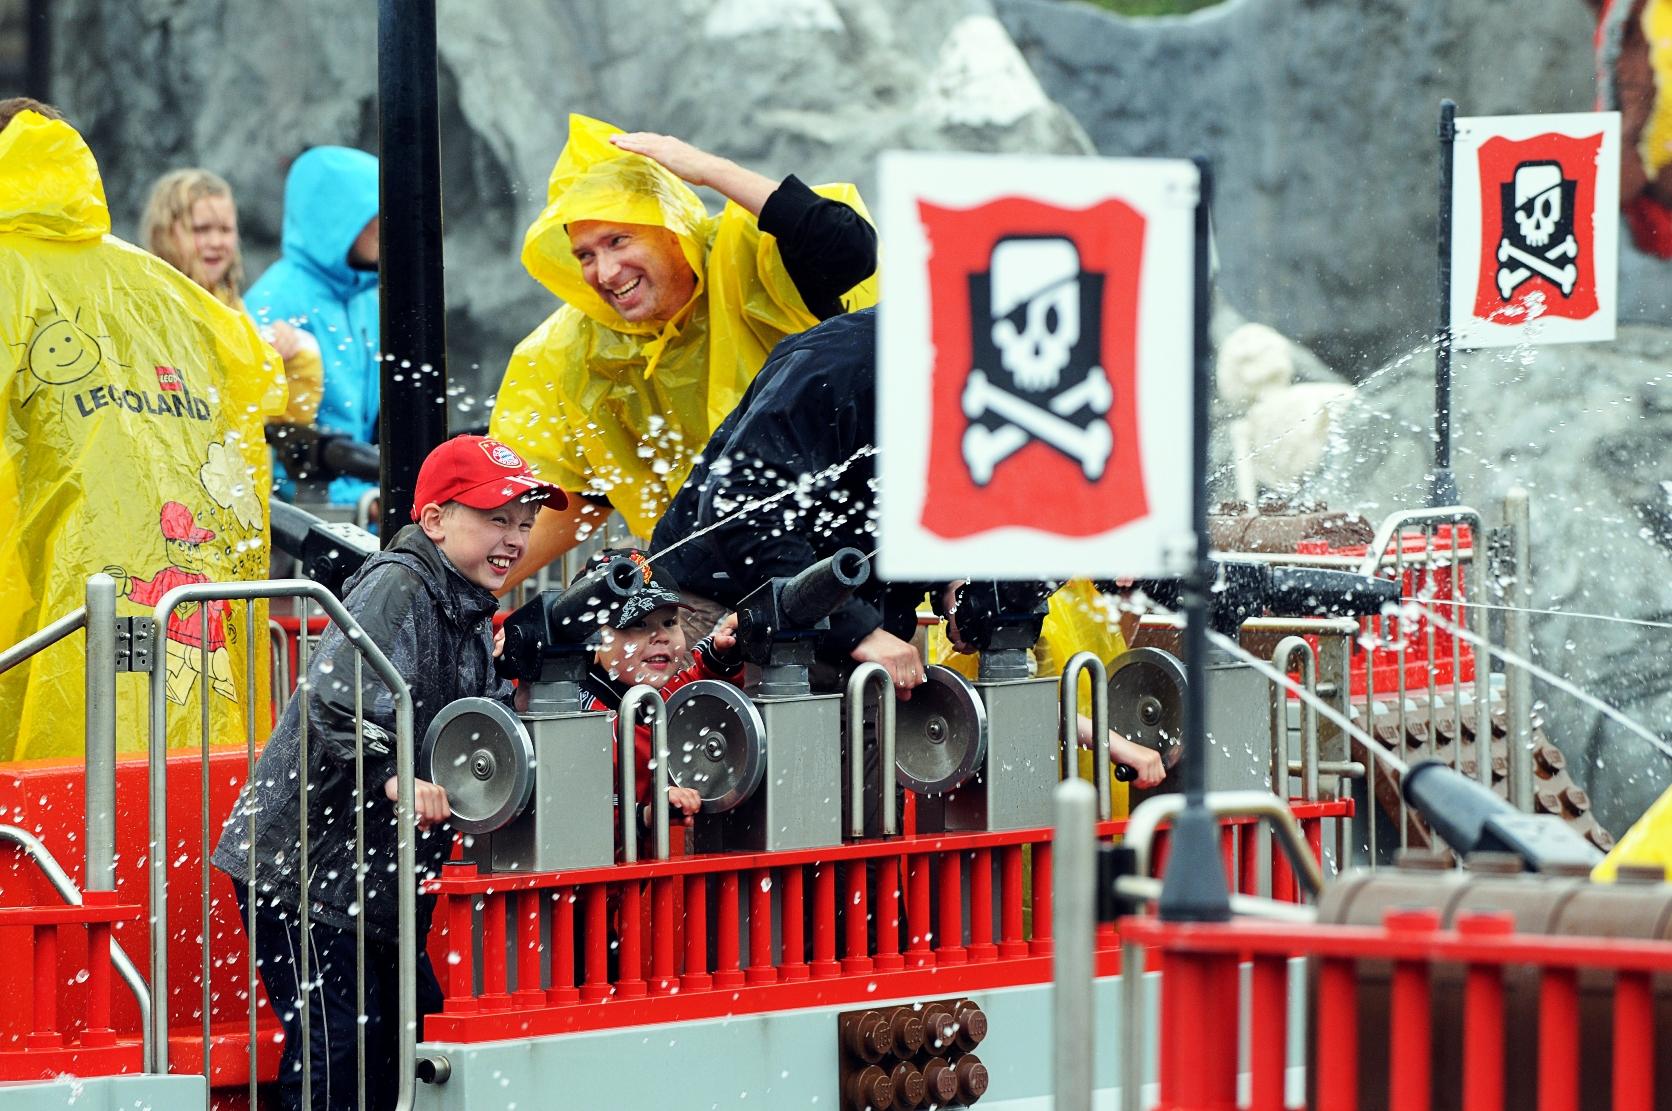 Pirate Splash Battle in Legoland Billund